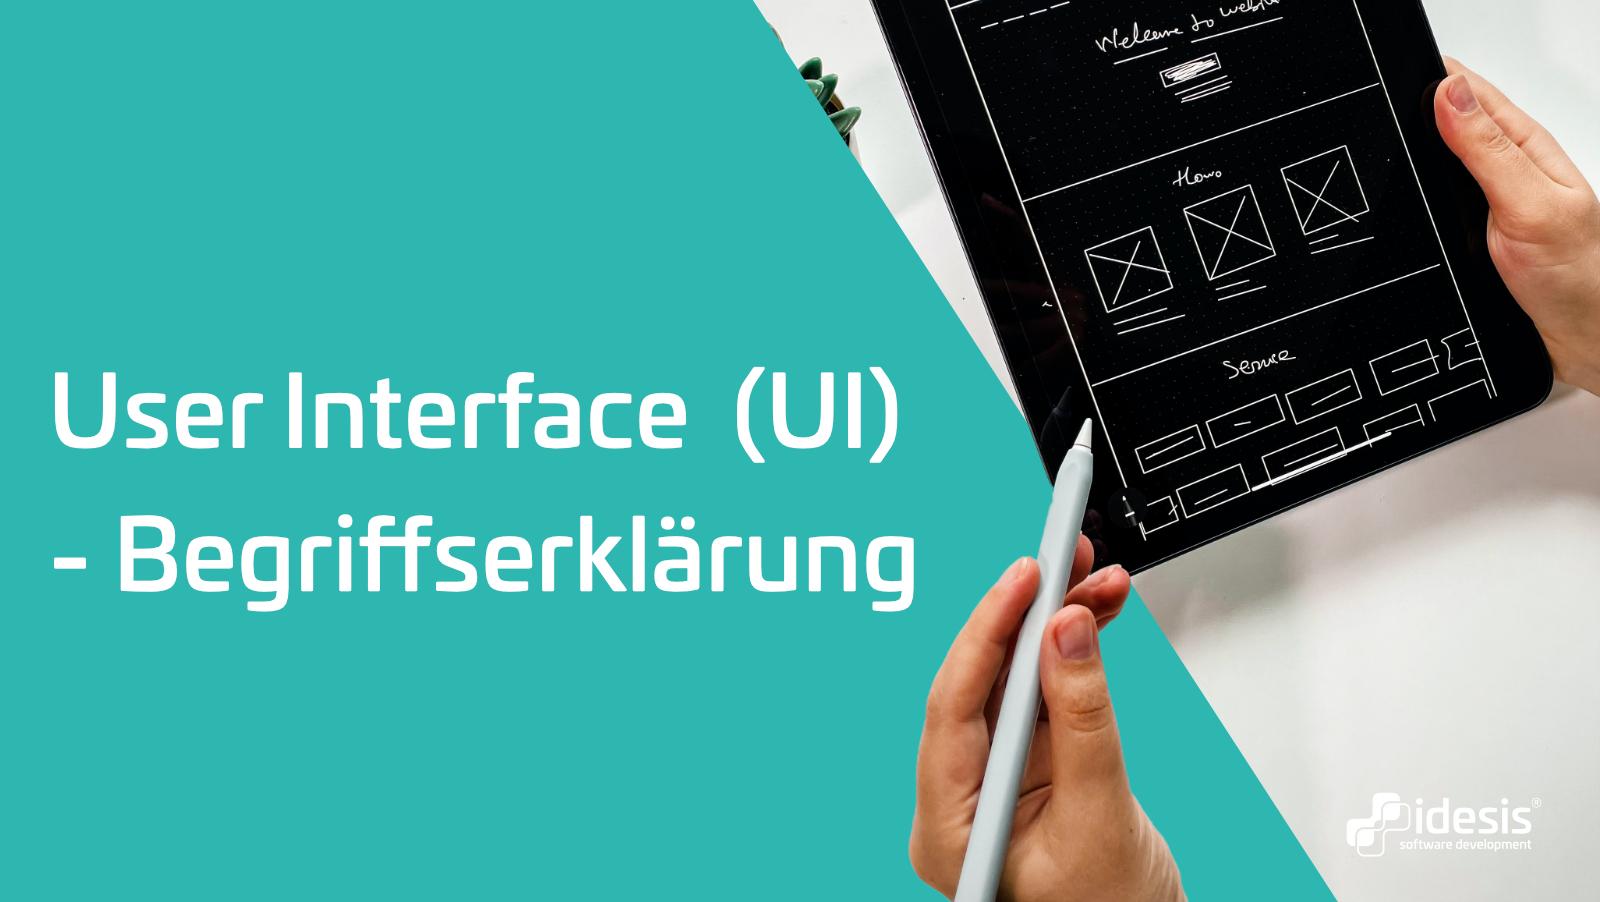 Eine Hand die ein User Interface MockUp anfertigt neben dem Titel: User Interface (UI) - Begriffserklärung